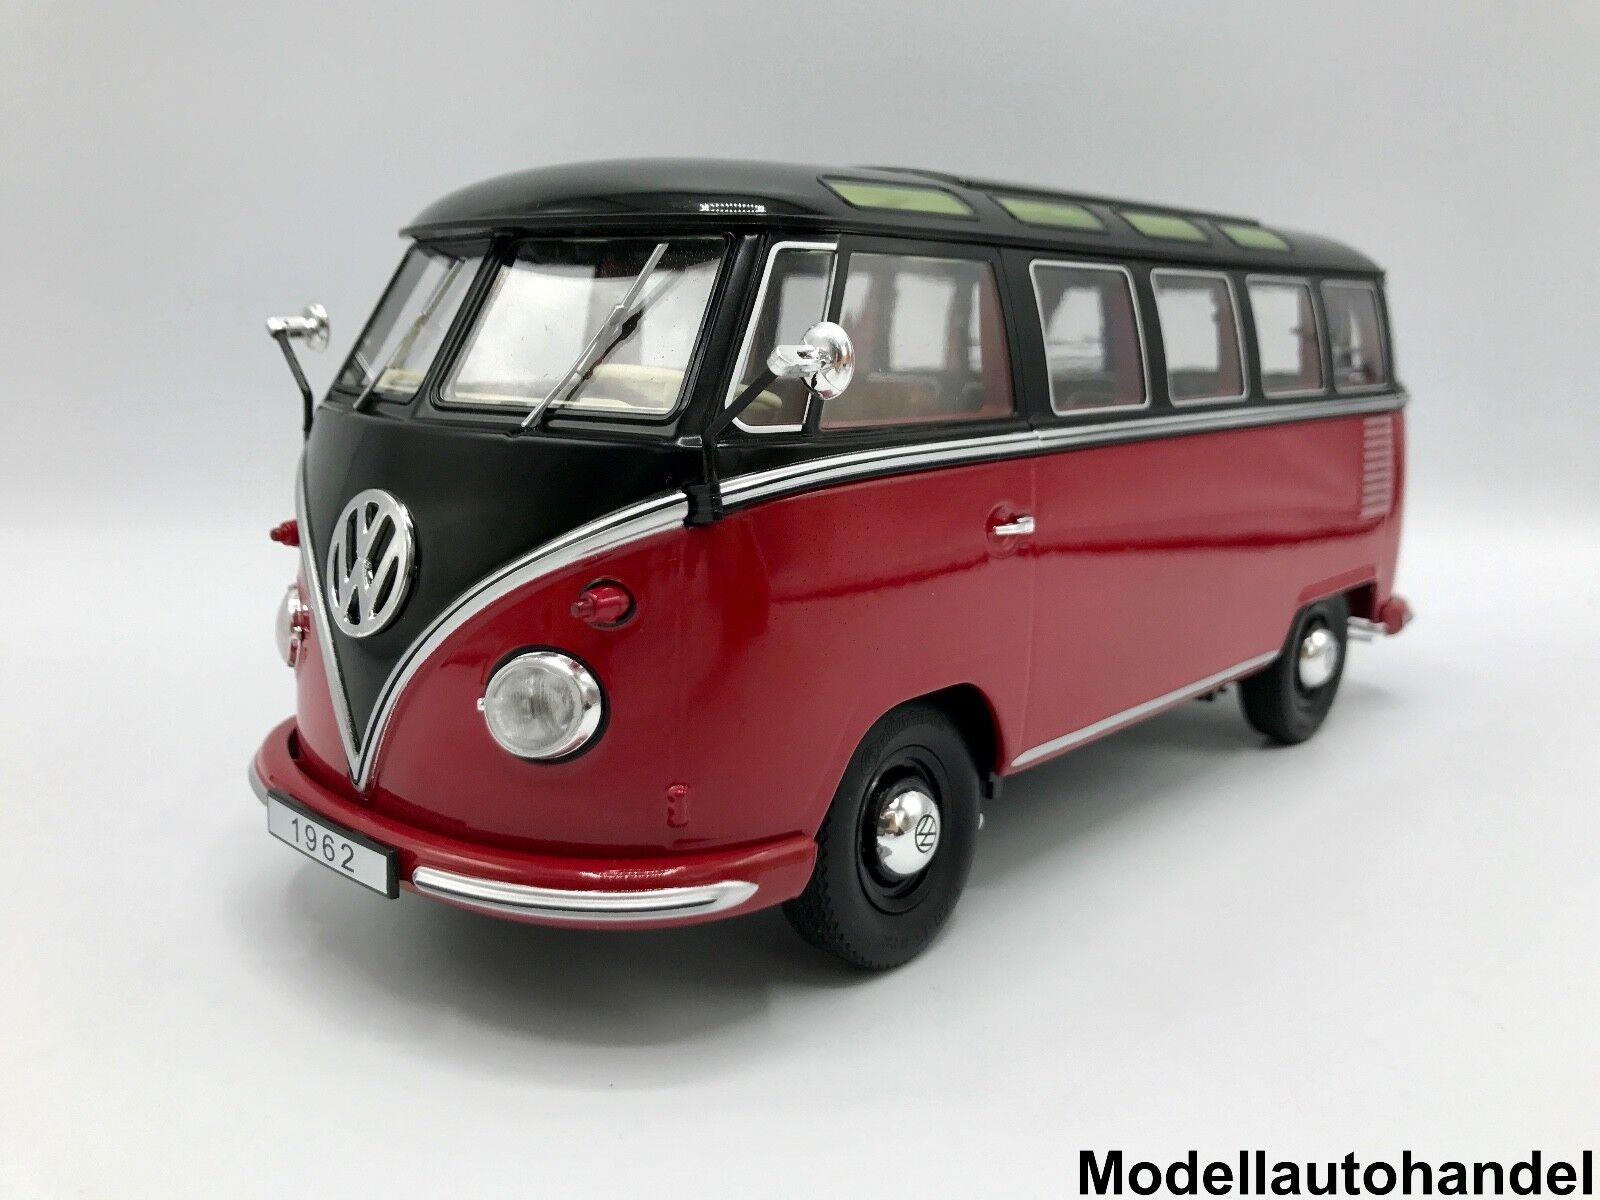 VW volkswagen t1  Samba Bus Camionnette 1959-Rouge Noir - 1 18 KK-Scale  économiser 60% de réduction